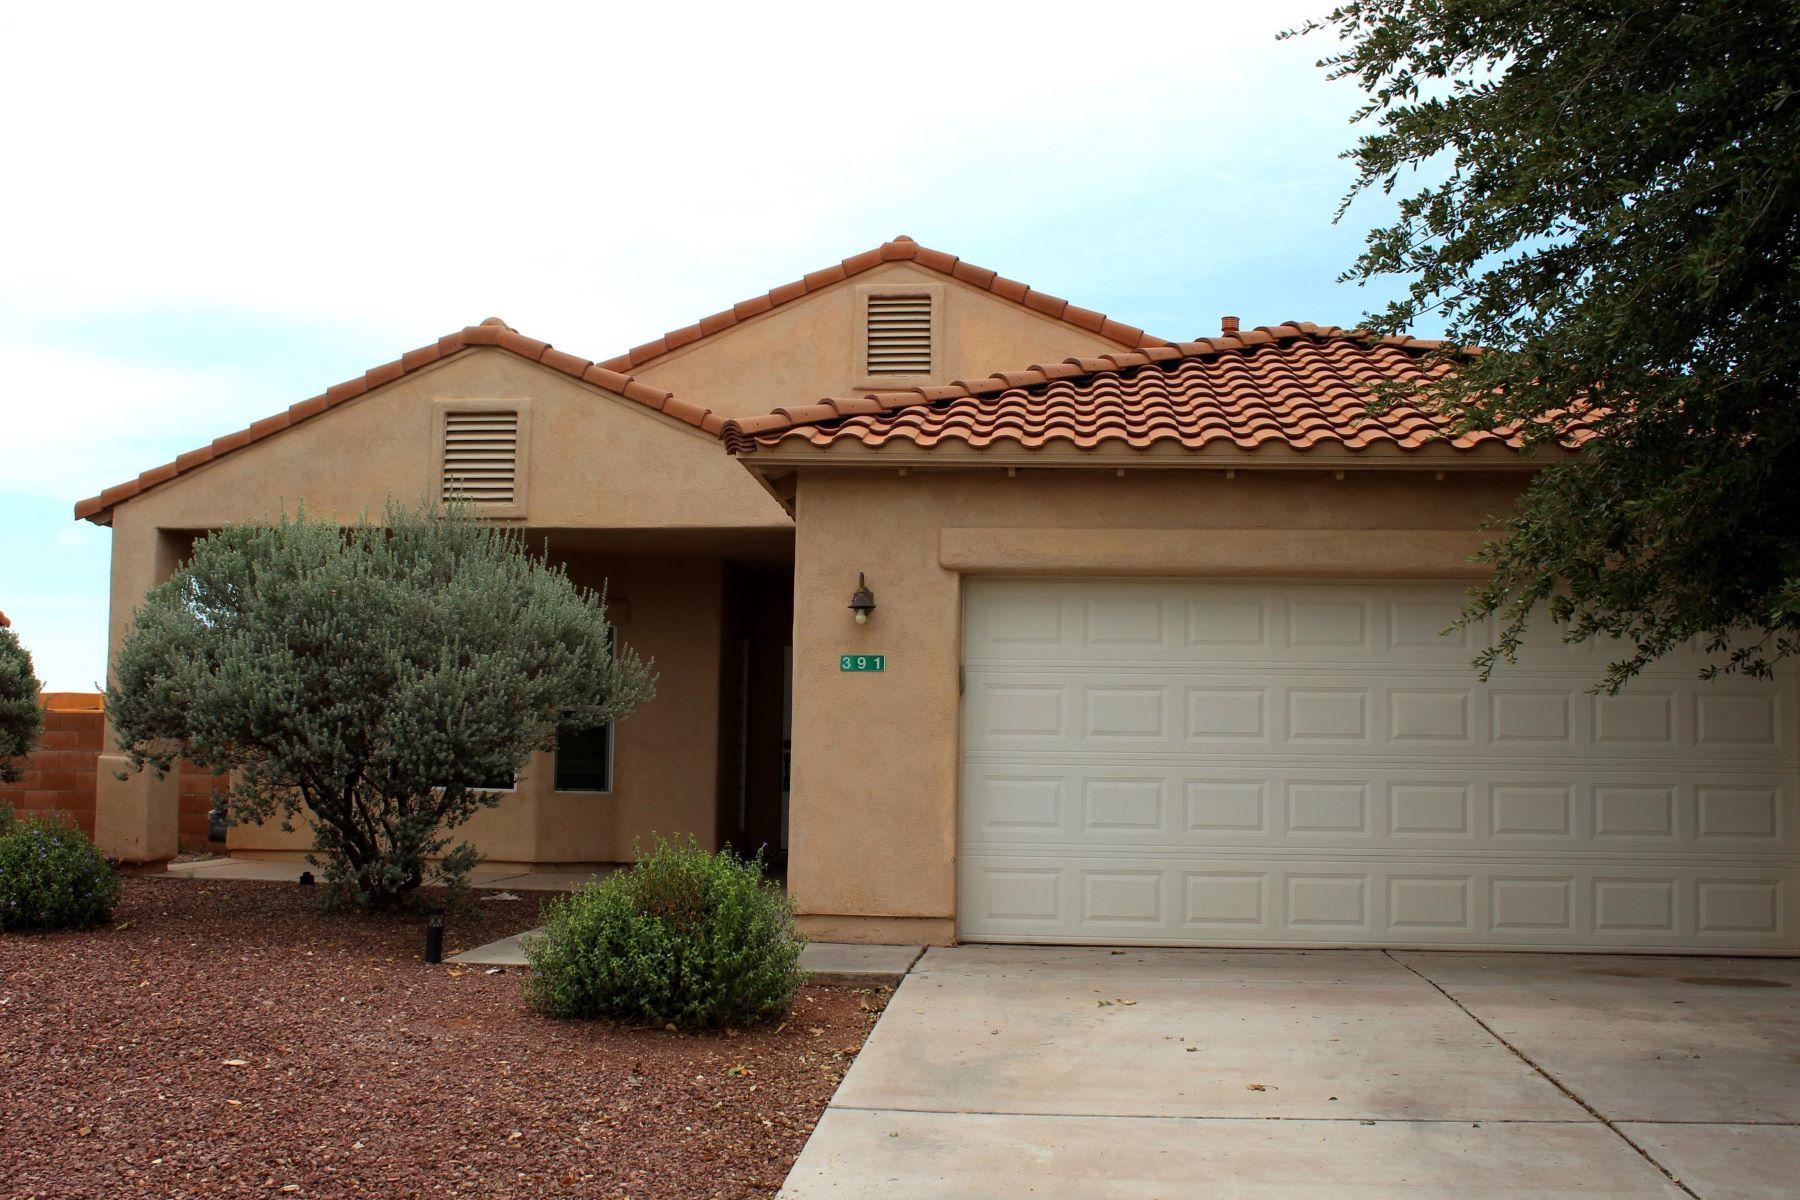 Single Family Homes for Sale at Bellas Vista North 391 Via Capri Rio Rico, Arizona 85648 United States